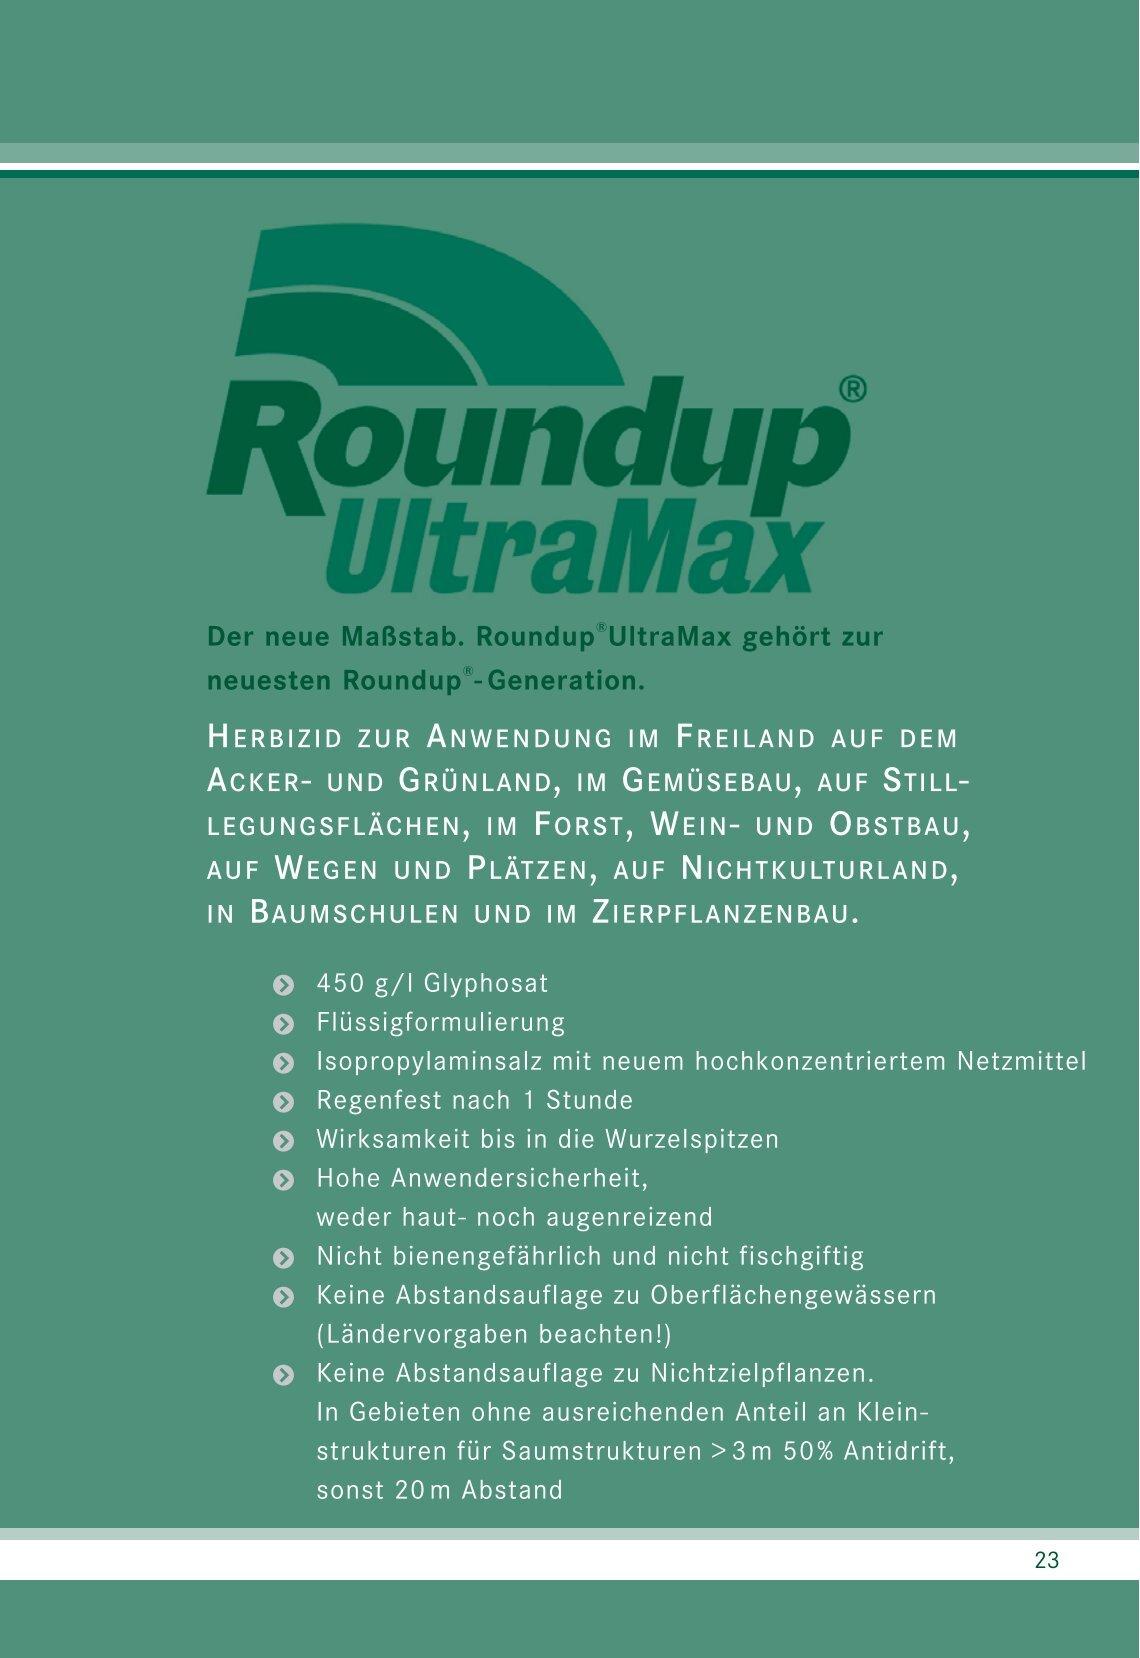 Roundup Ultramax De